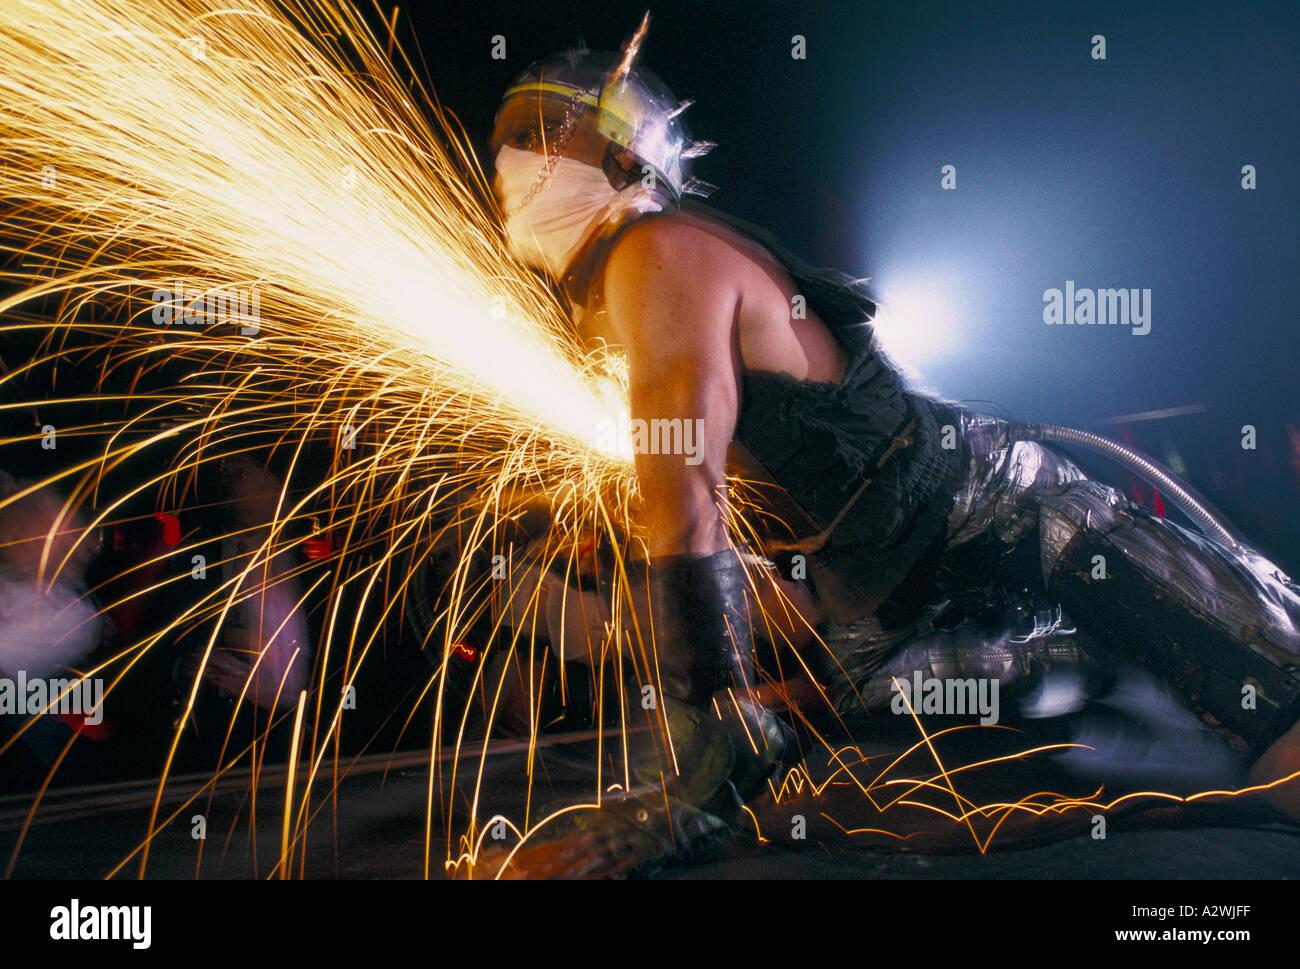 Kühlschrank Punk : Cyber punks am kühlschrank nachtclub london stockfoto bild